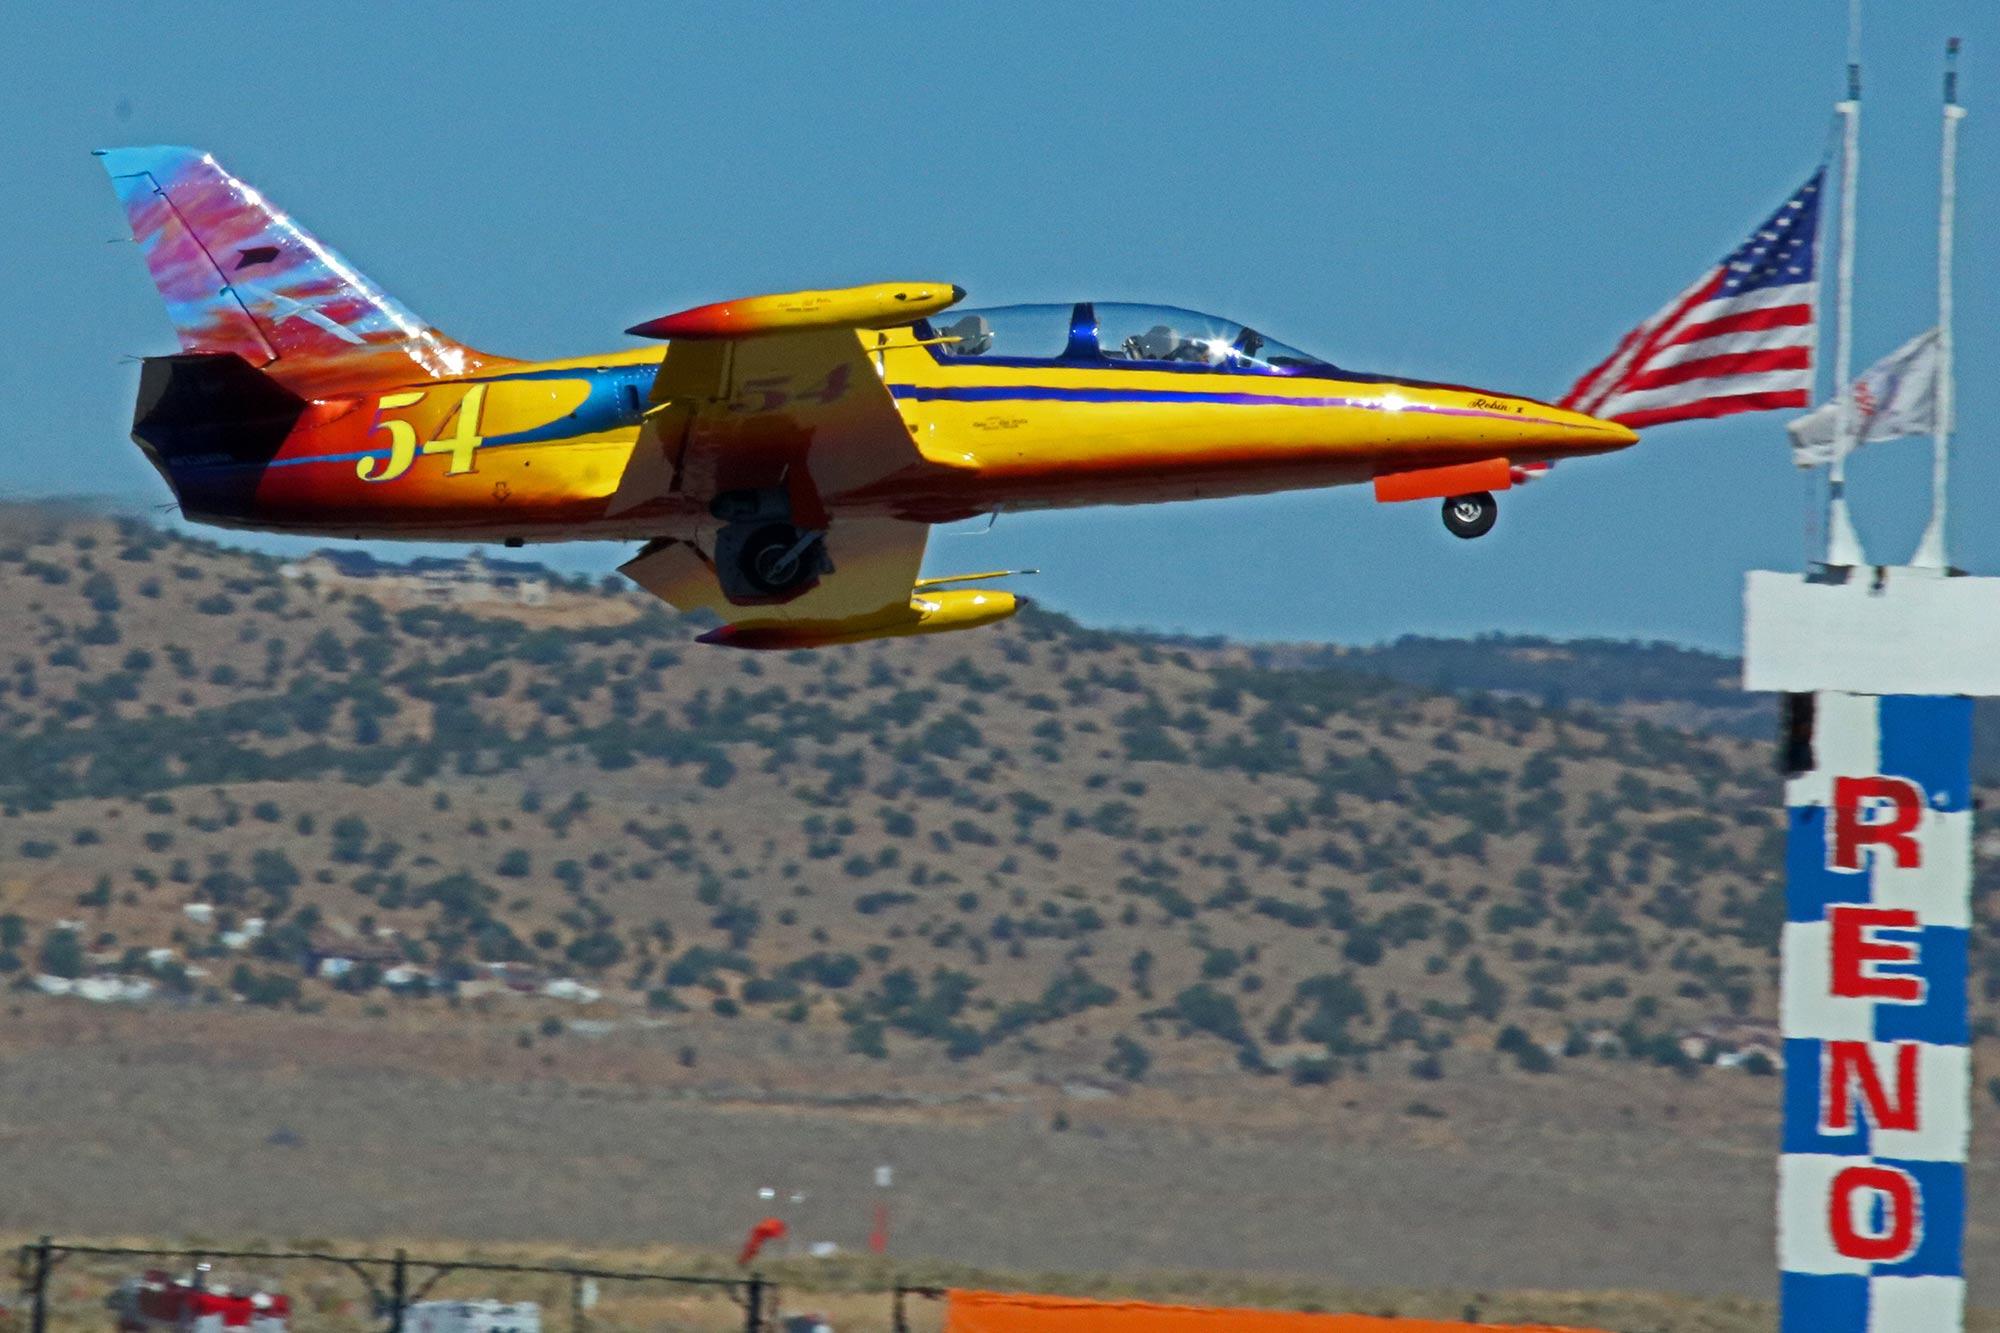 Jet-54-Heat2B-3rdplace-160916Reno_1029